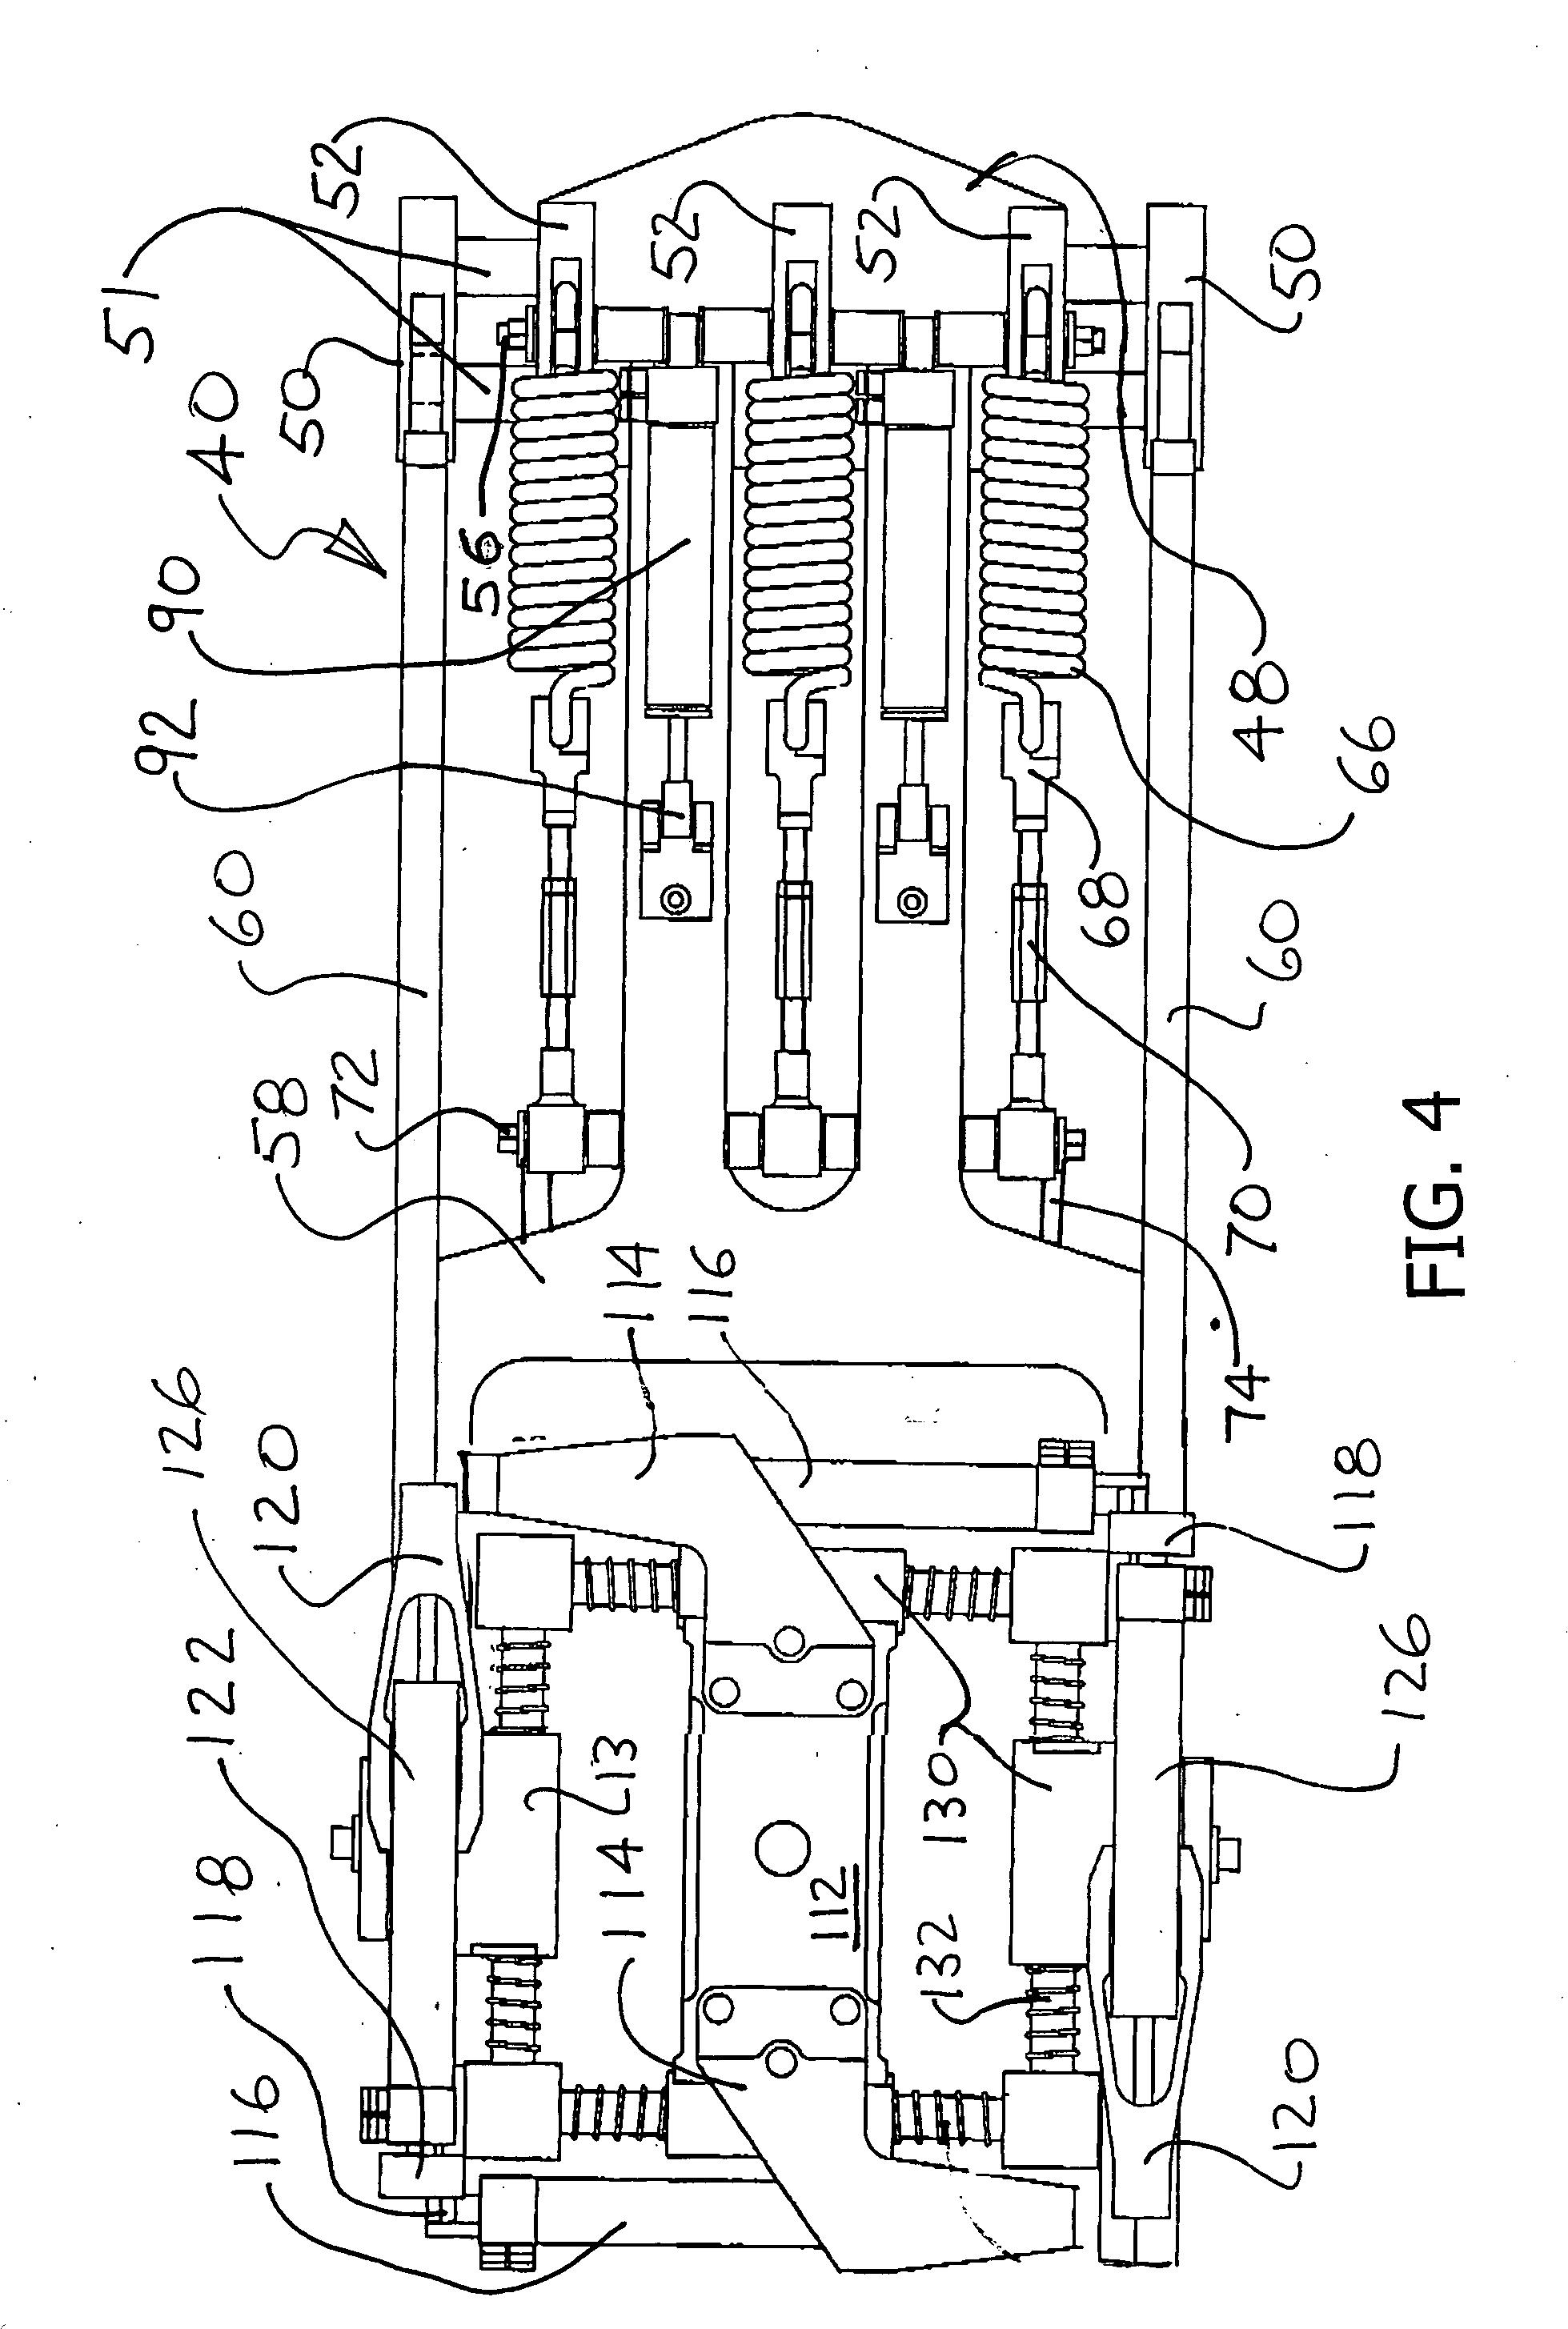 Exelent 88 Suzuki Quadrunner Wiring Diagram Crest - Everything You ...